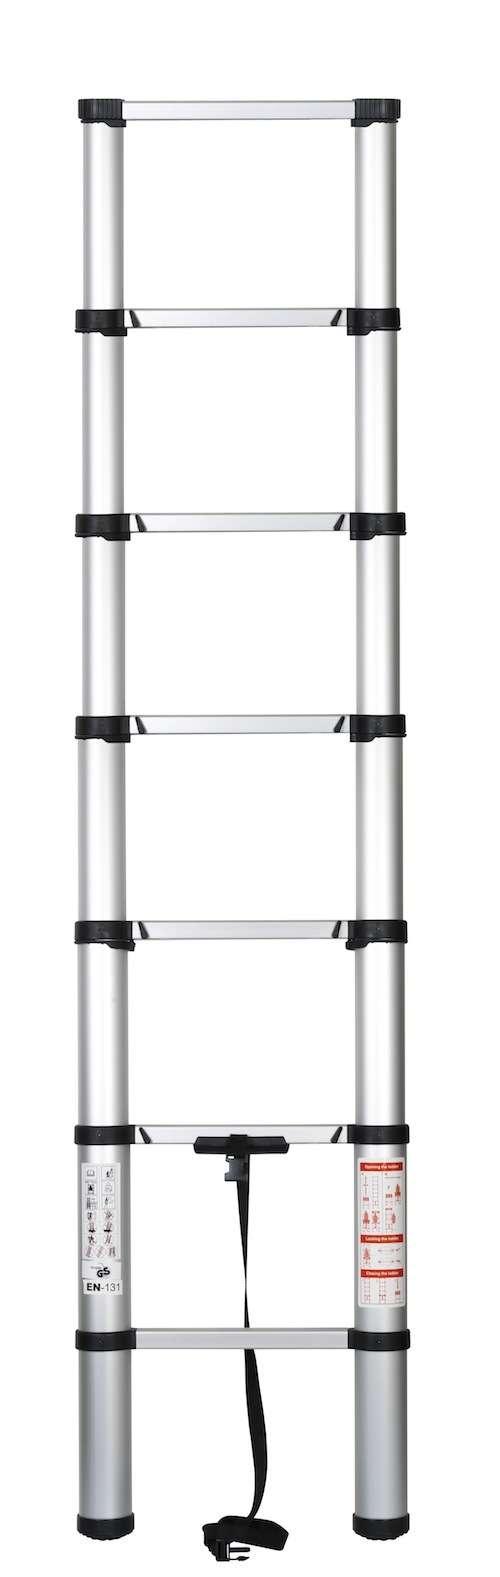 echelle telescopique securite aluminium 2 05m neuf pro pret07 ebay. Black Bedroom Furniture Sets. Home Design Ideas